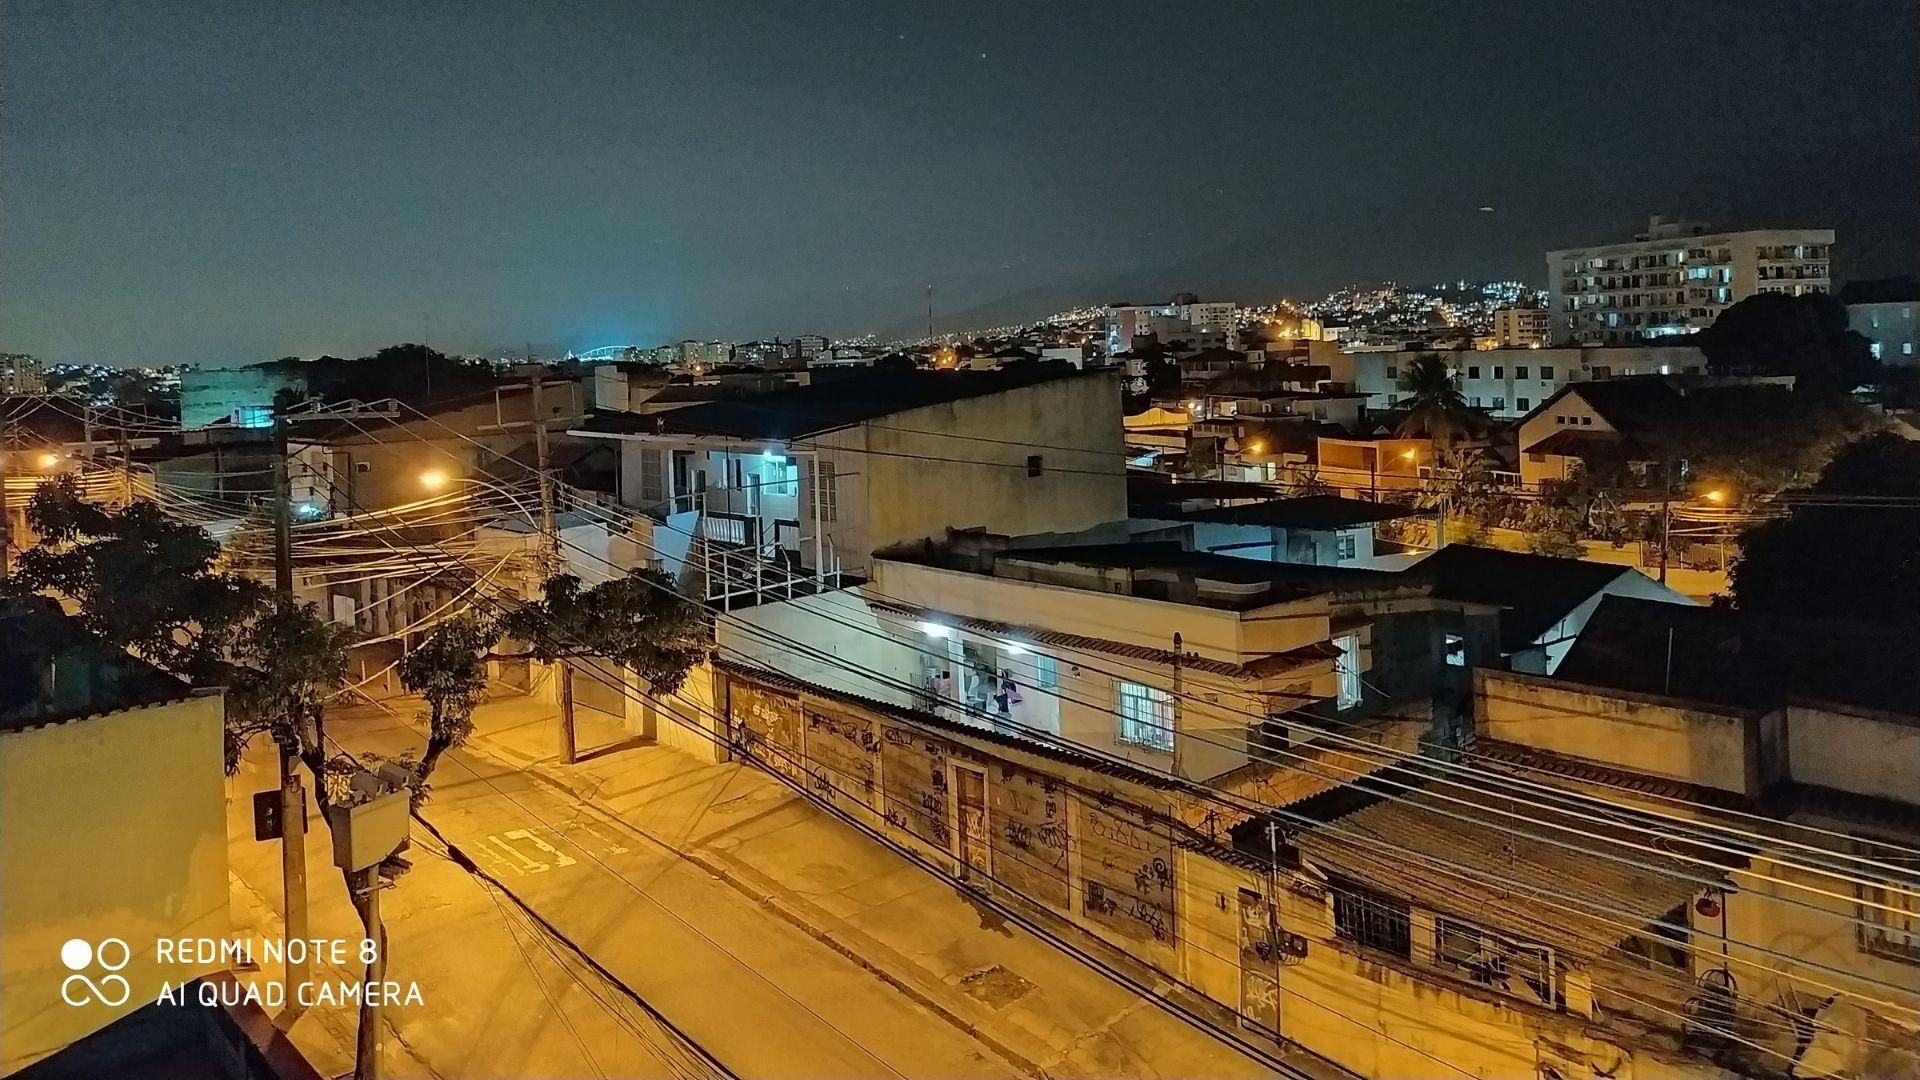 Foto tirada à noite com o Modo Noturno Redmi Note 8 (Foto: Aline Batista/Zoom)